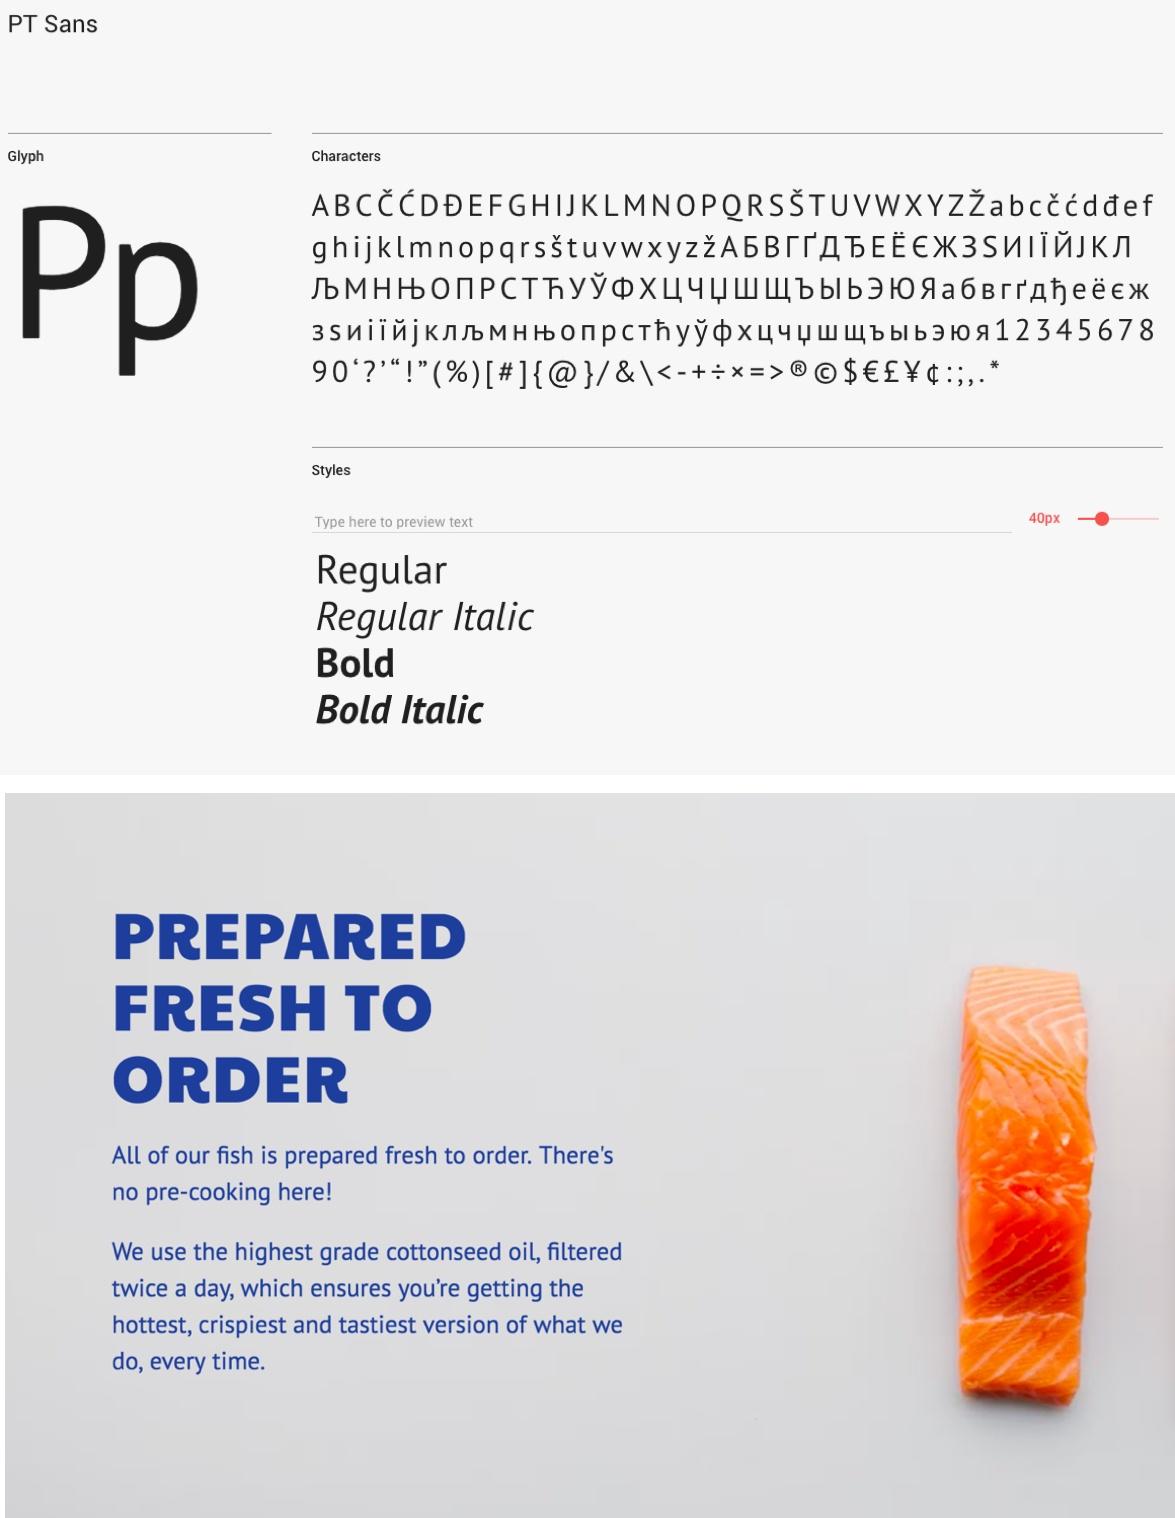 界面好看,界面上的字体也不能拖后腿